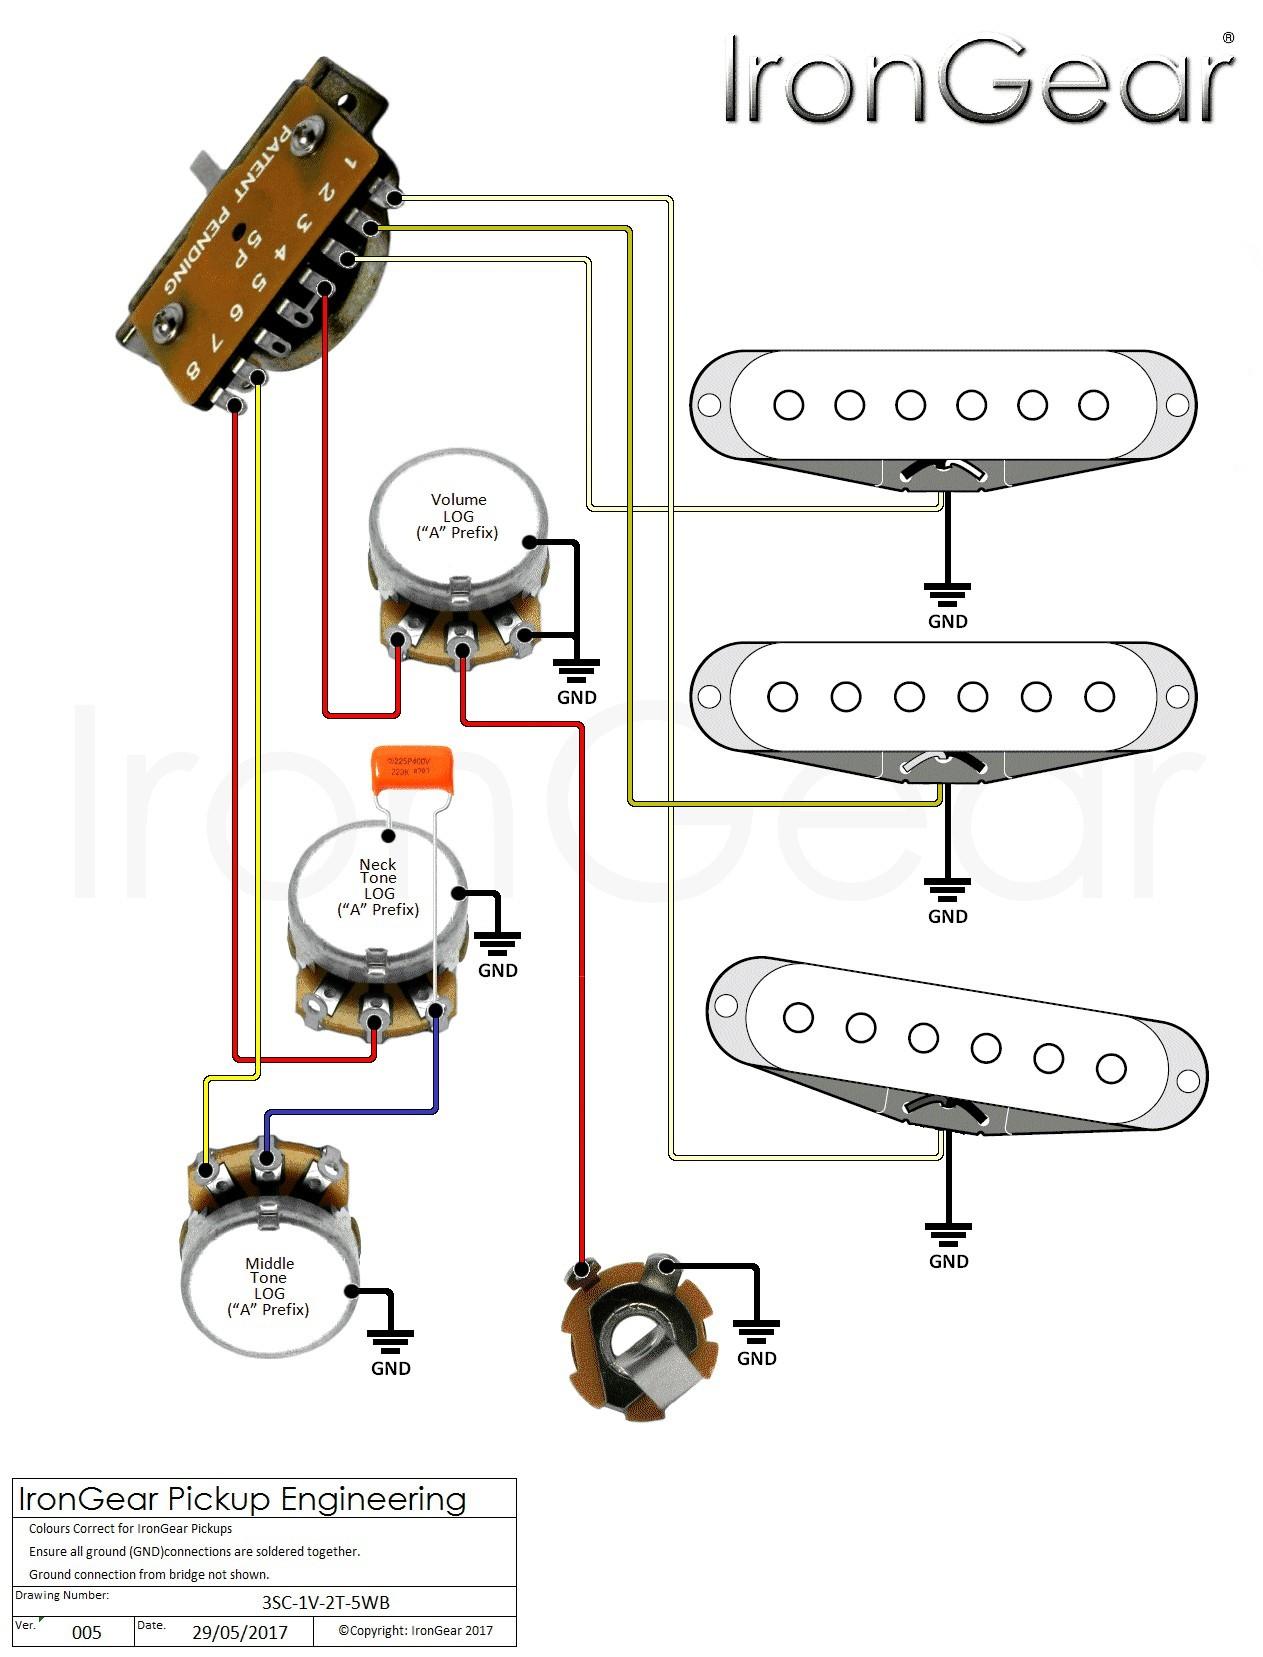 guitar wiring diagrams 2 pickups electric guitar wiring diagram e hhh guitar wiring diagram electric guitar wiring diagram e pickup new guitar wiring diagrams